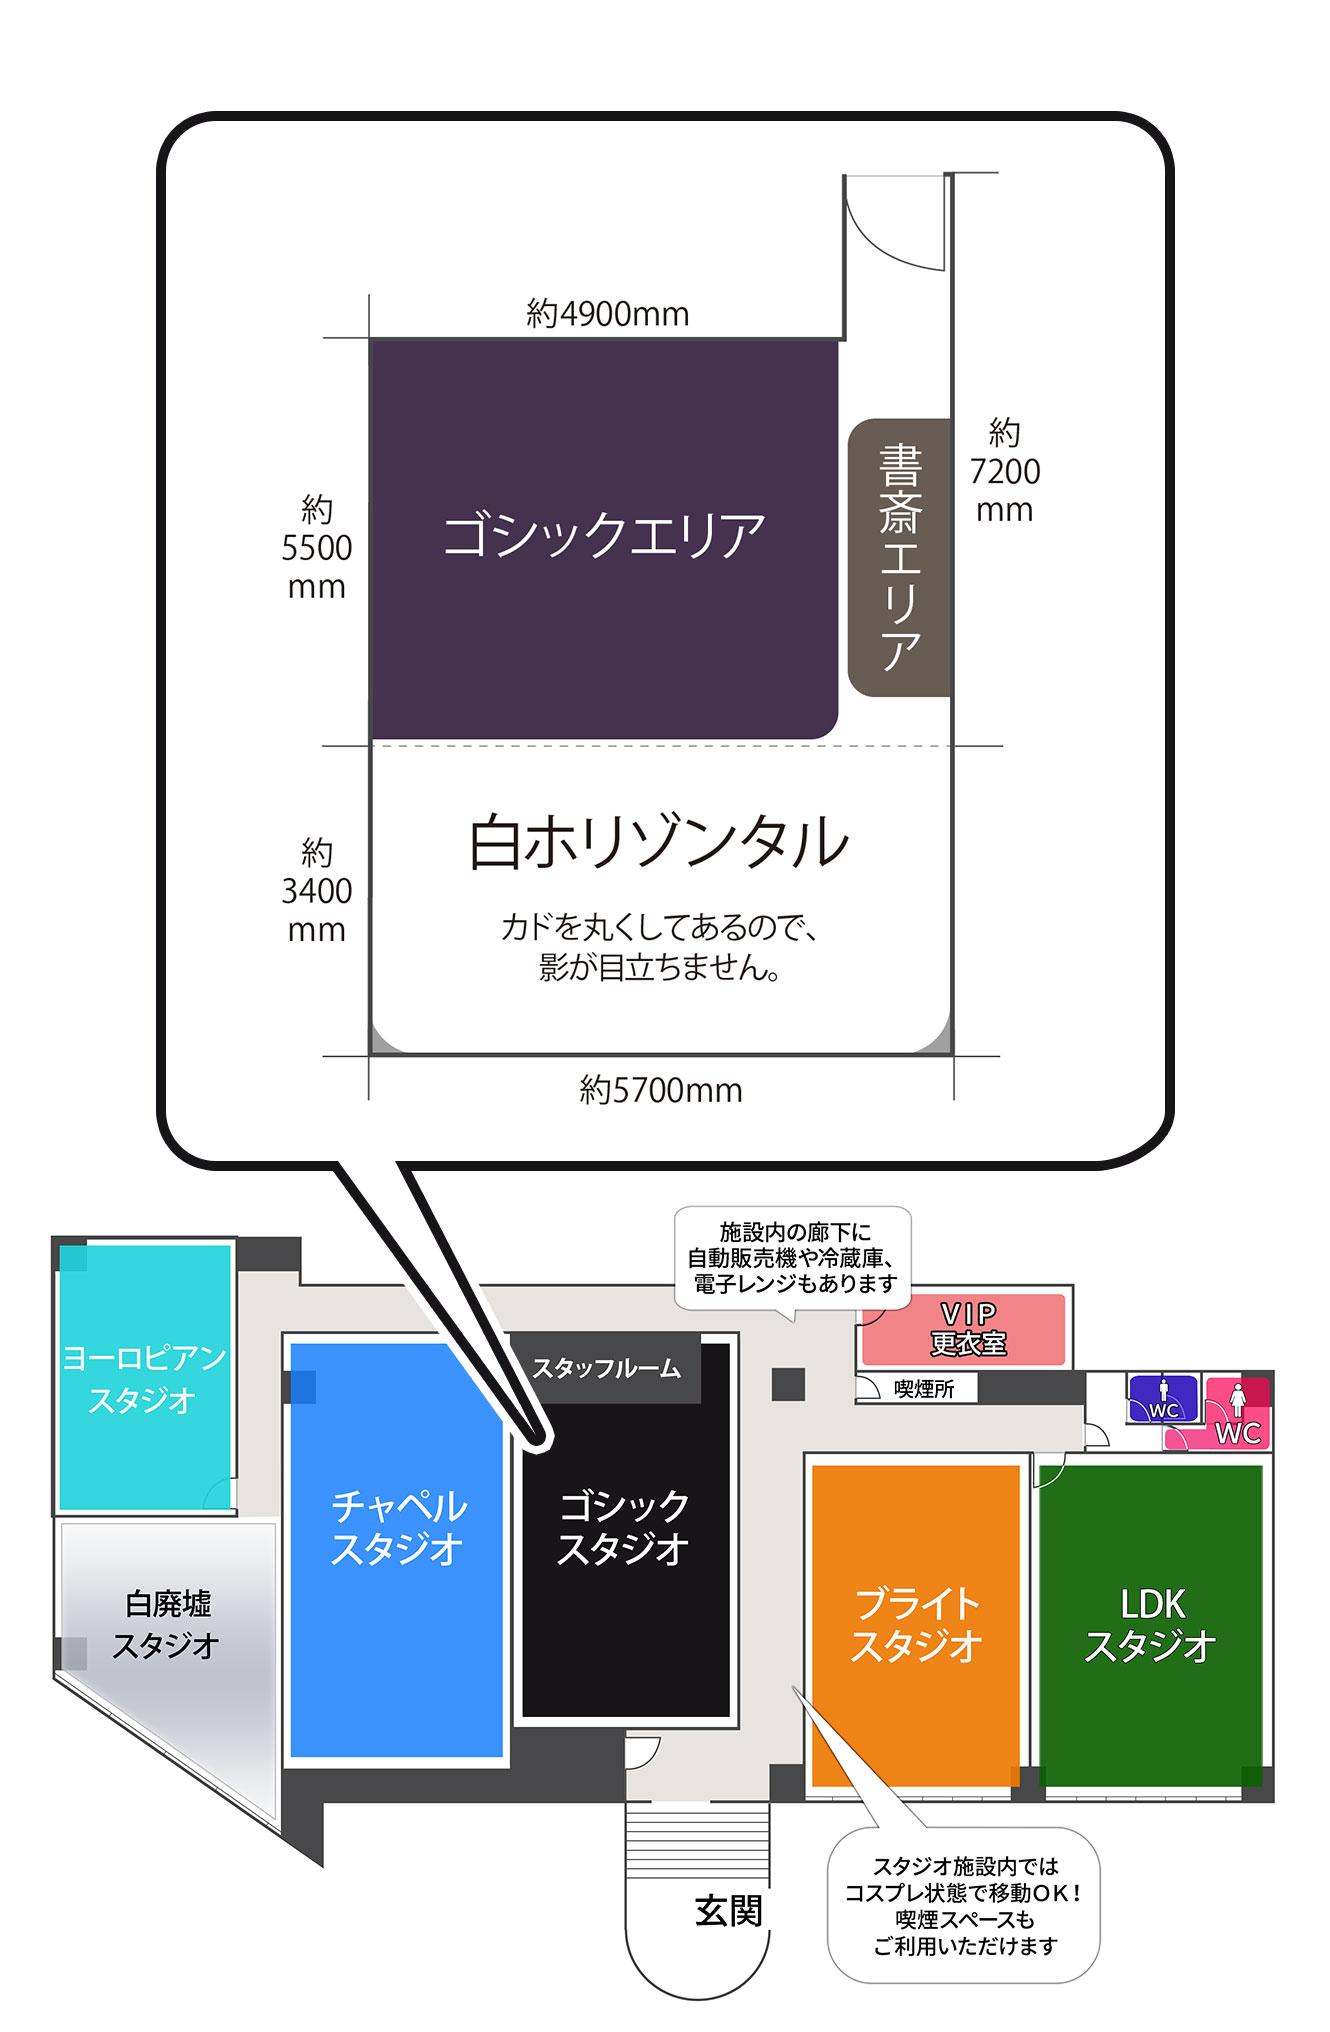 大阪平野ゴシックスタジオ見取り図